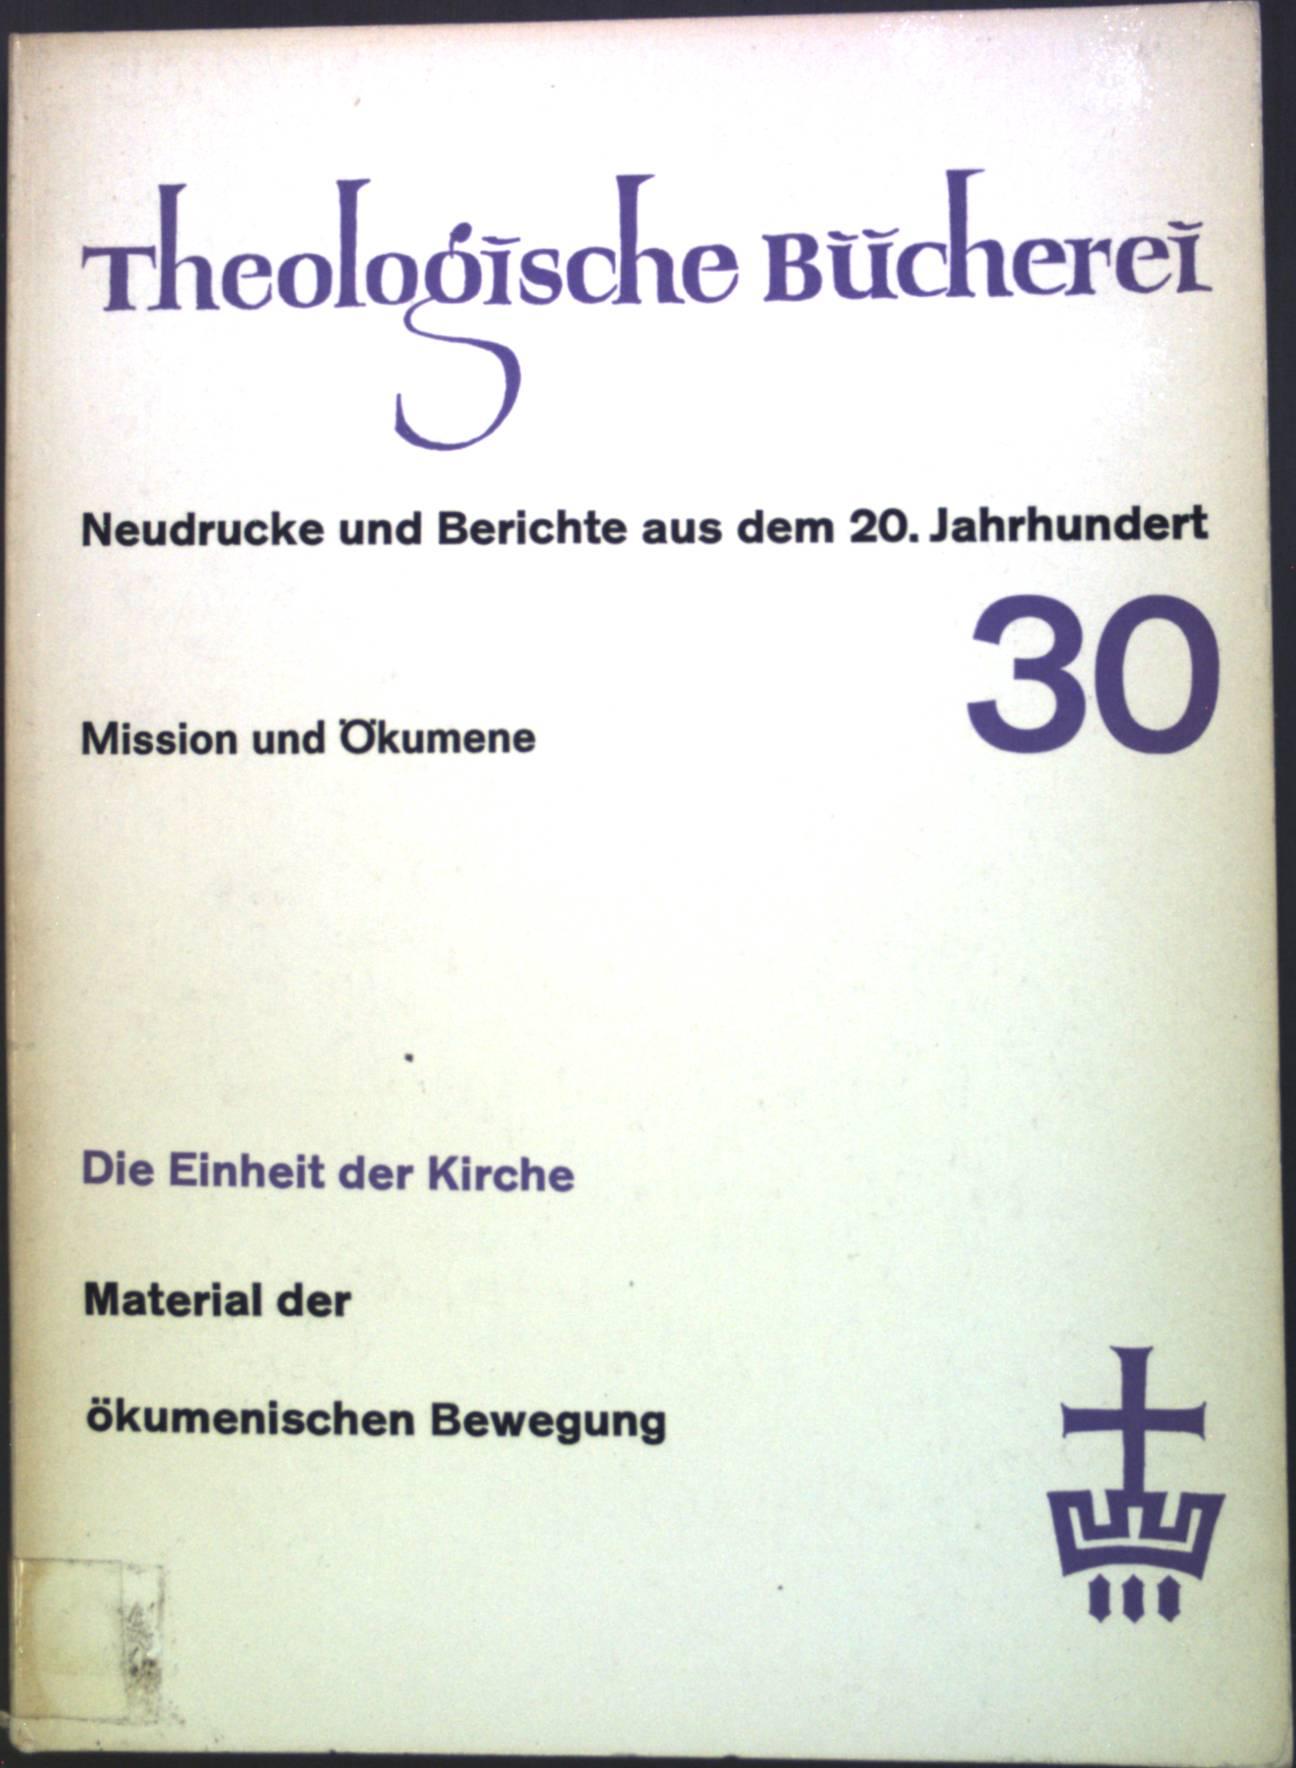 Die Einheit der Kirche: Material der Ökumenischen: Vischer, Lukas: